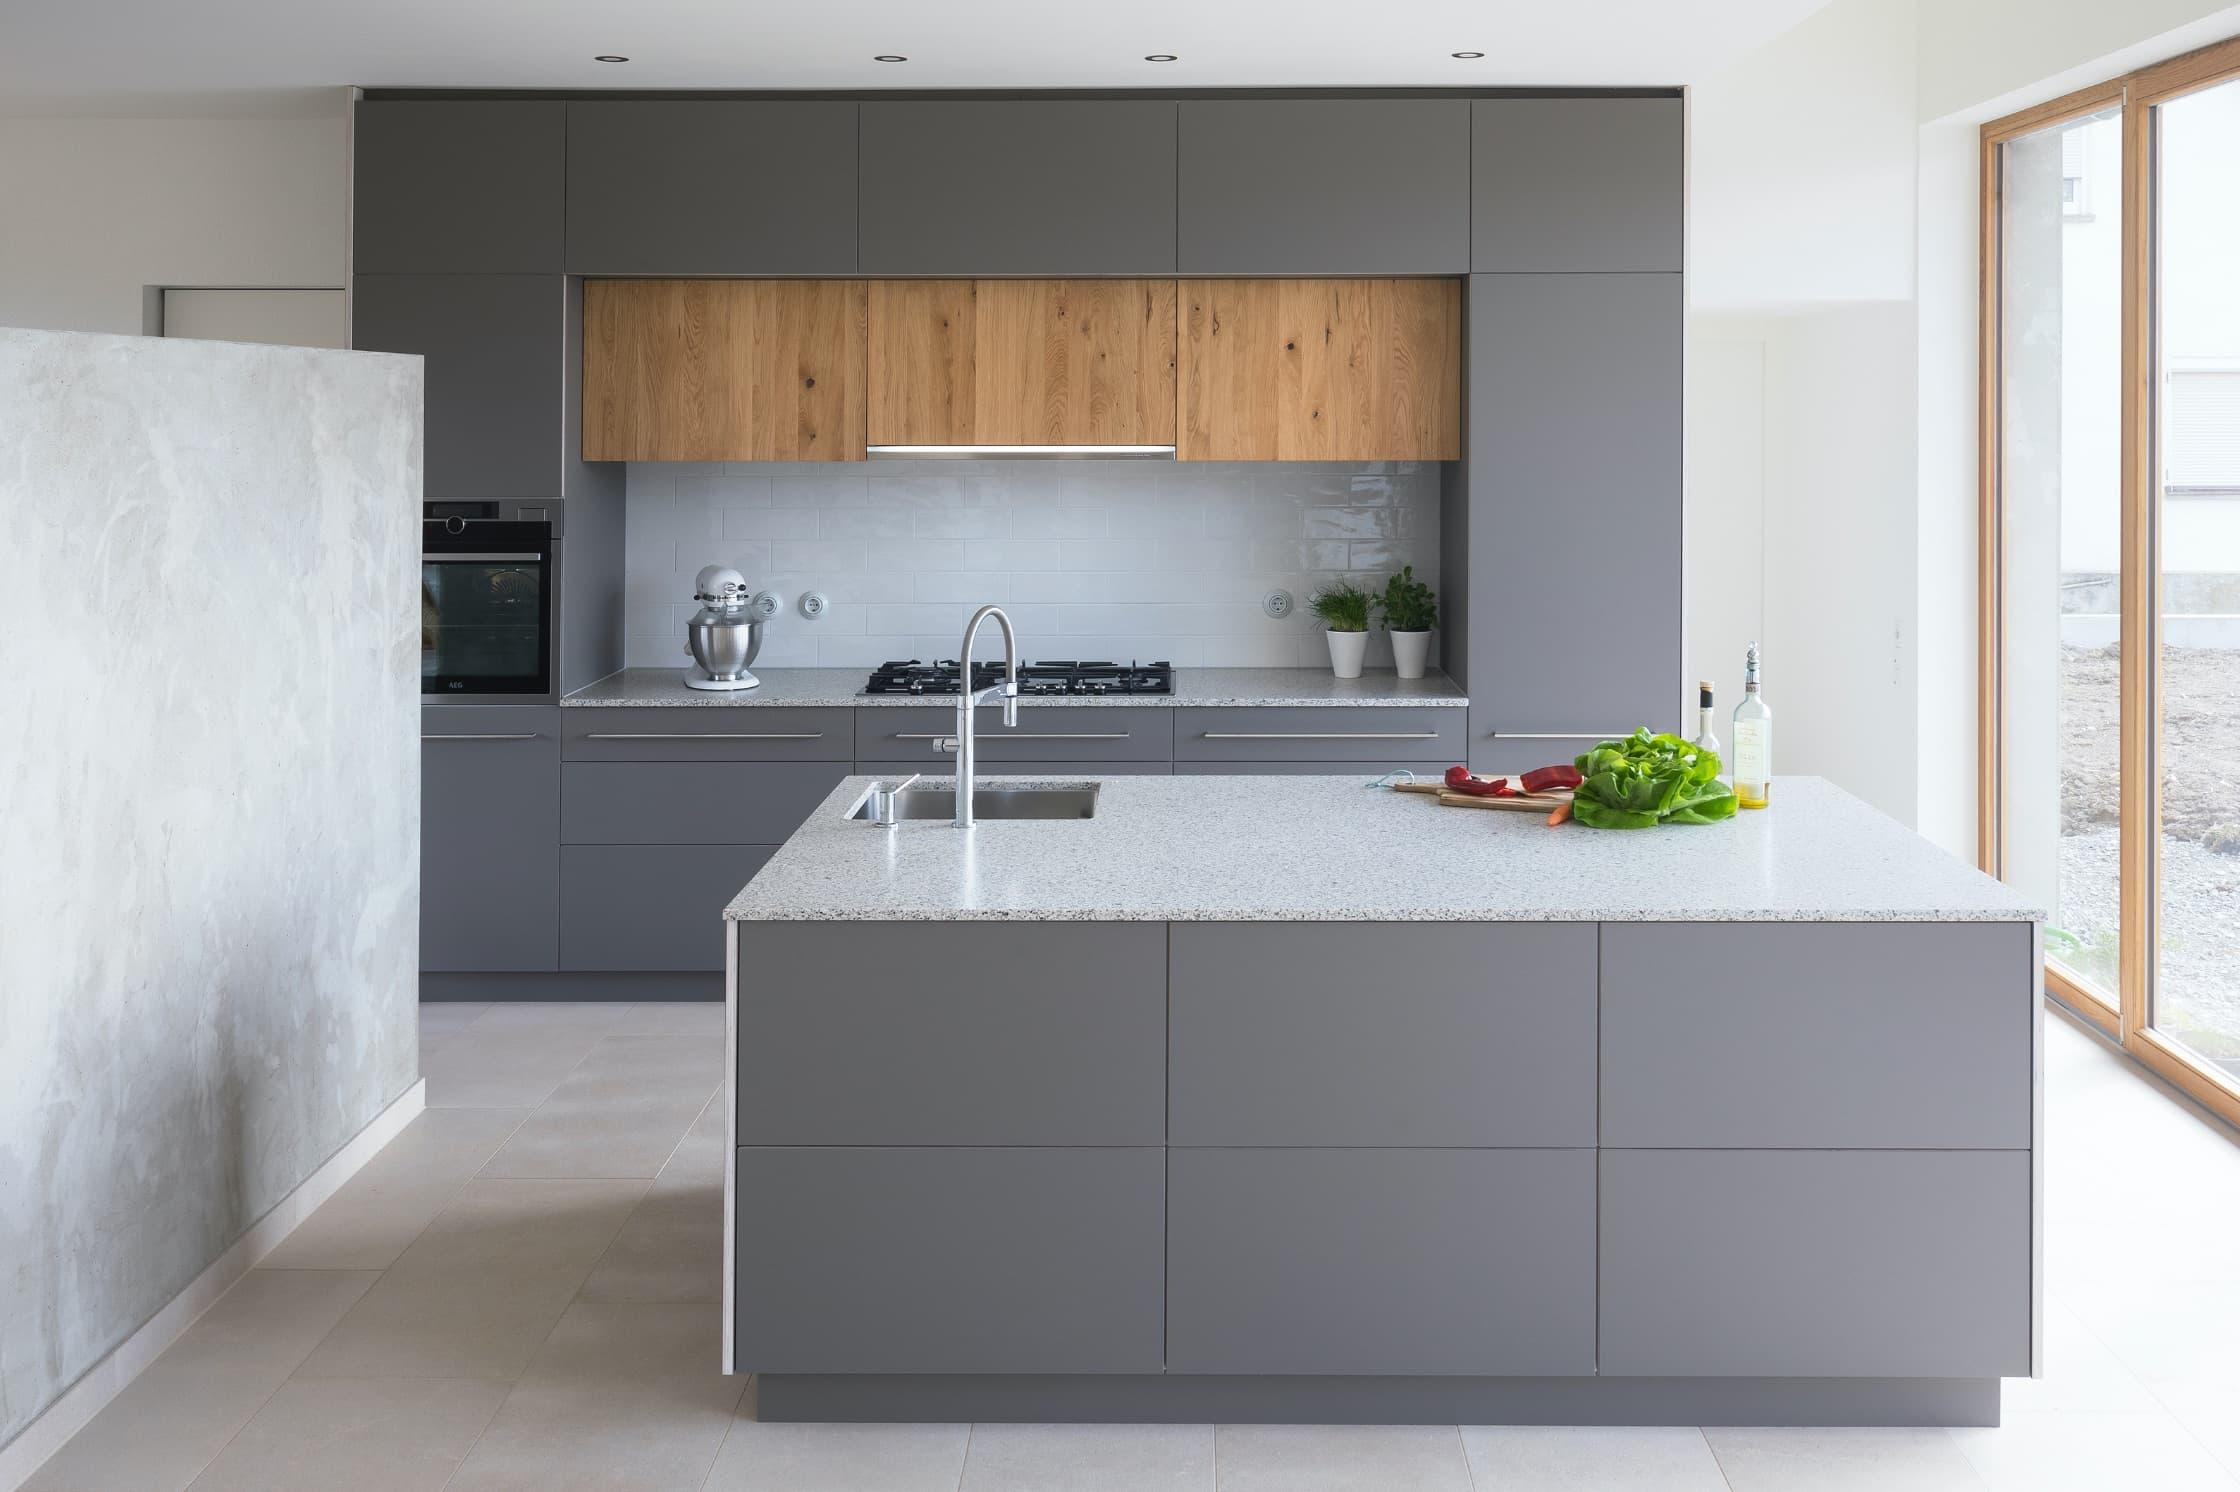 Eine graue Küche